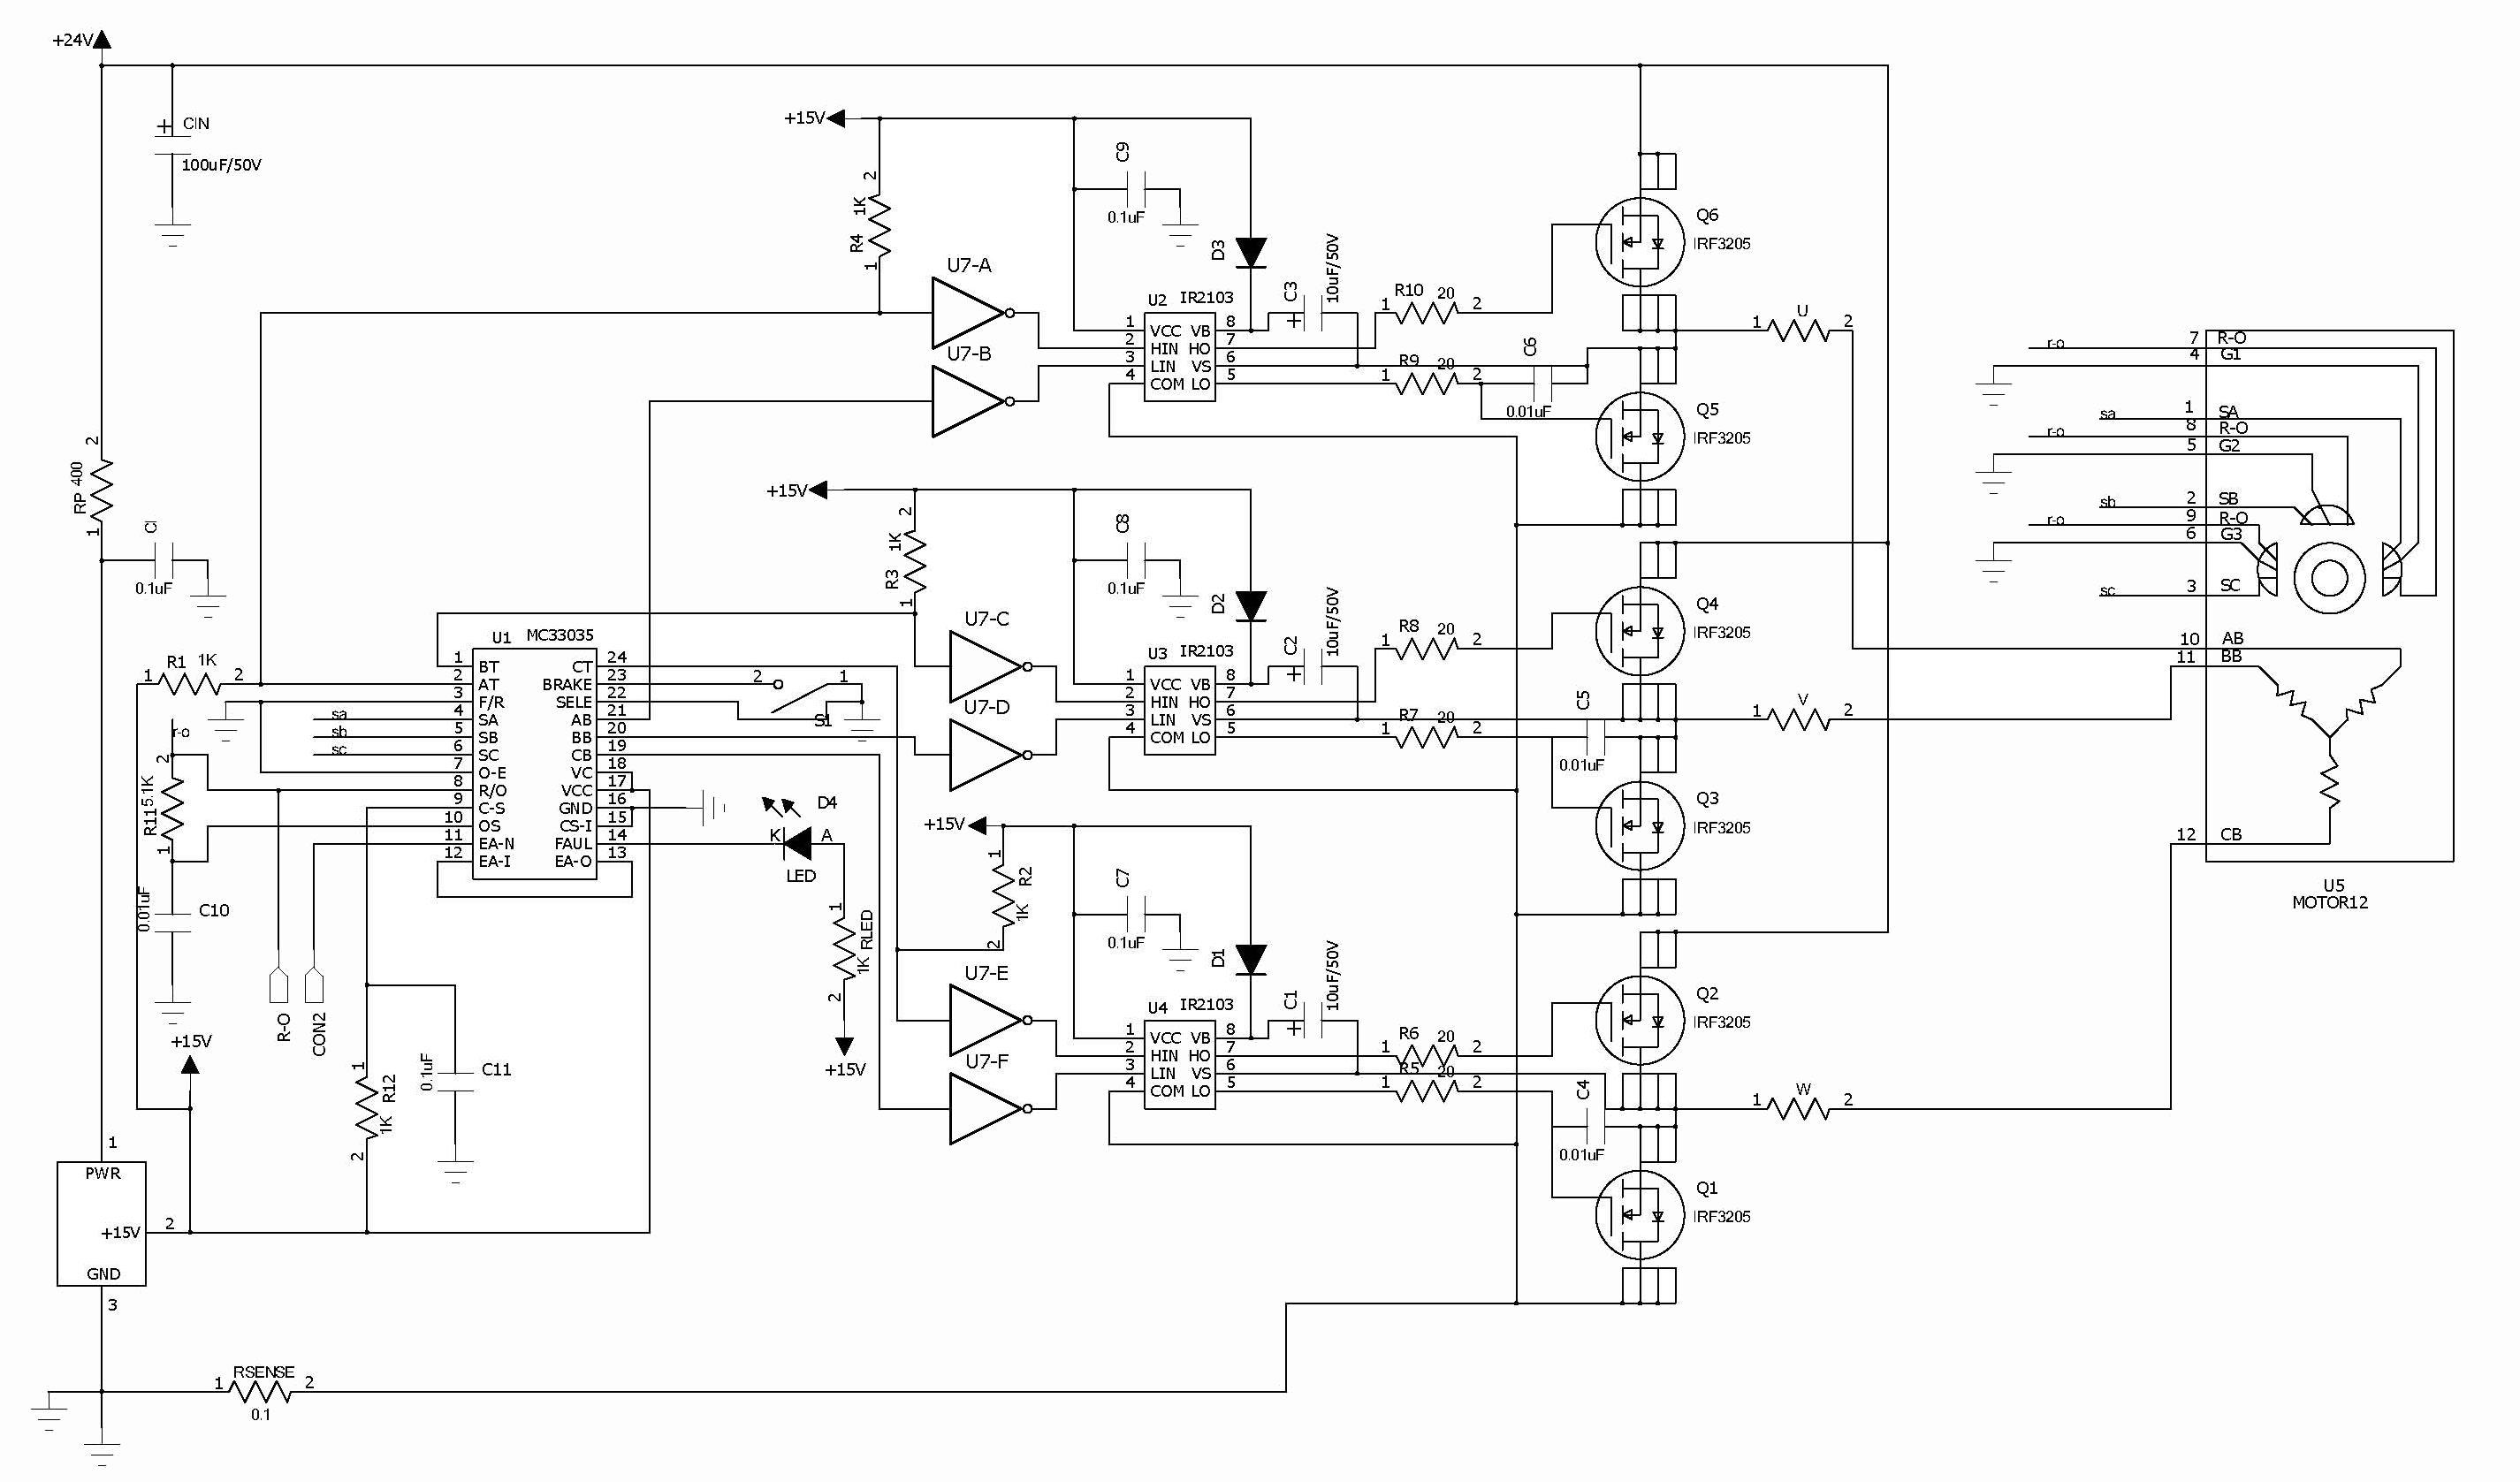 Дайте примеры контроллеров МК без микроконтроллера